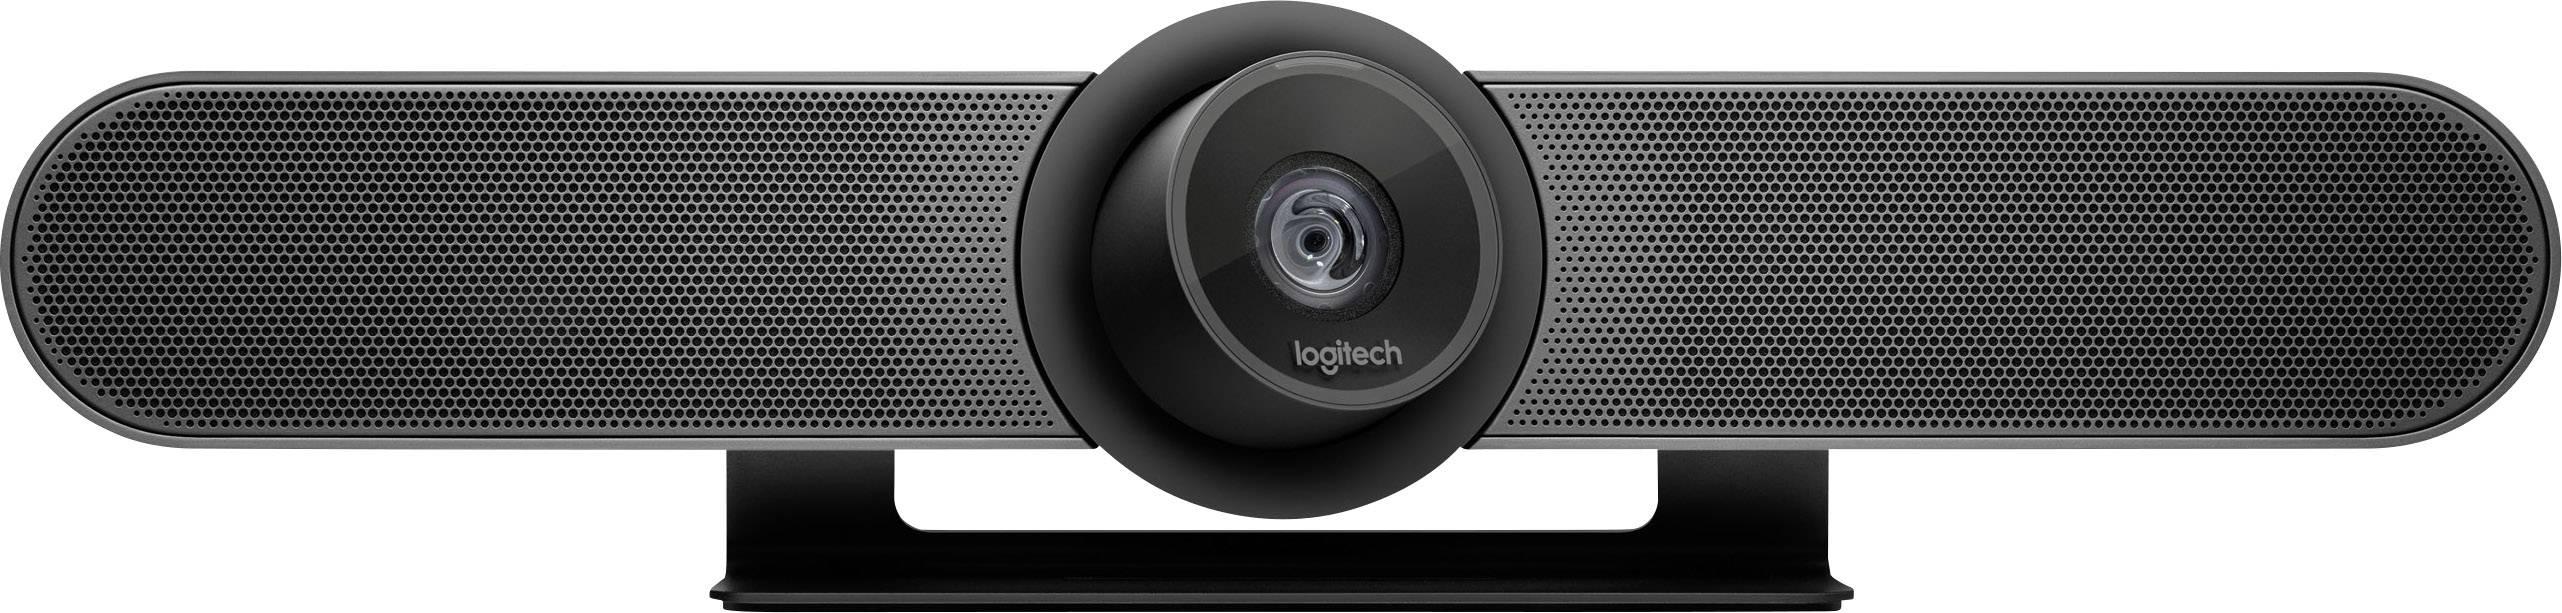 4K webkamera Logitech MeetUp